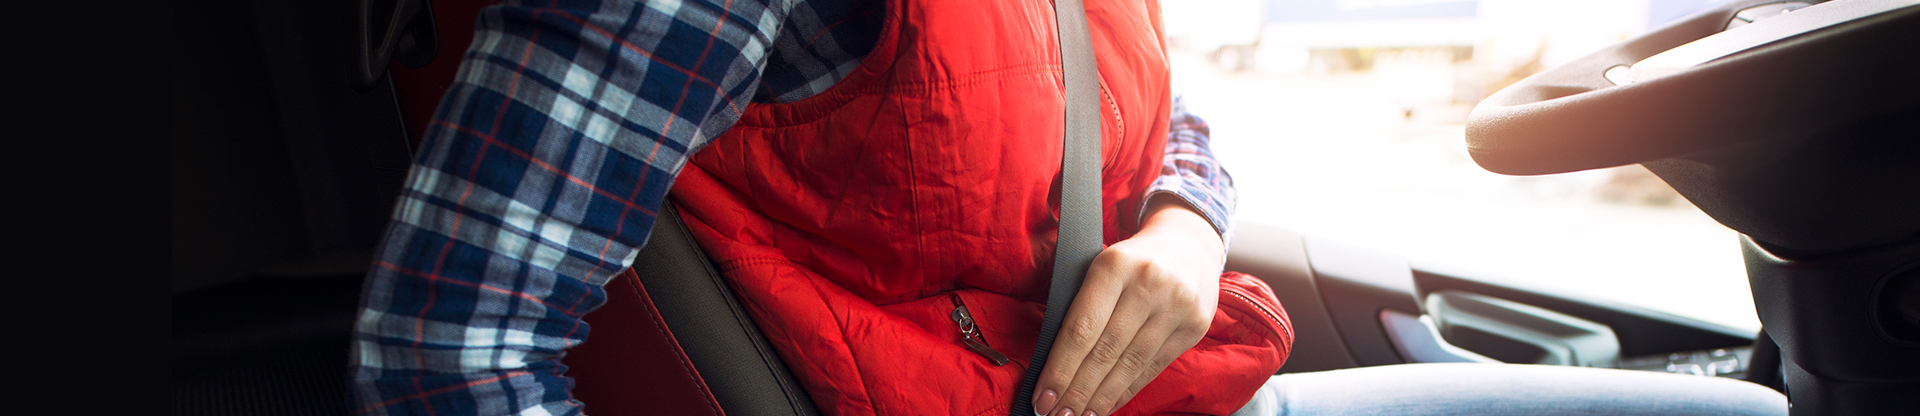 woman-buckling-seatbelt-1920